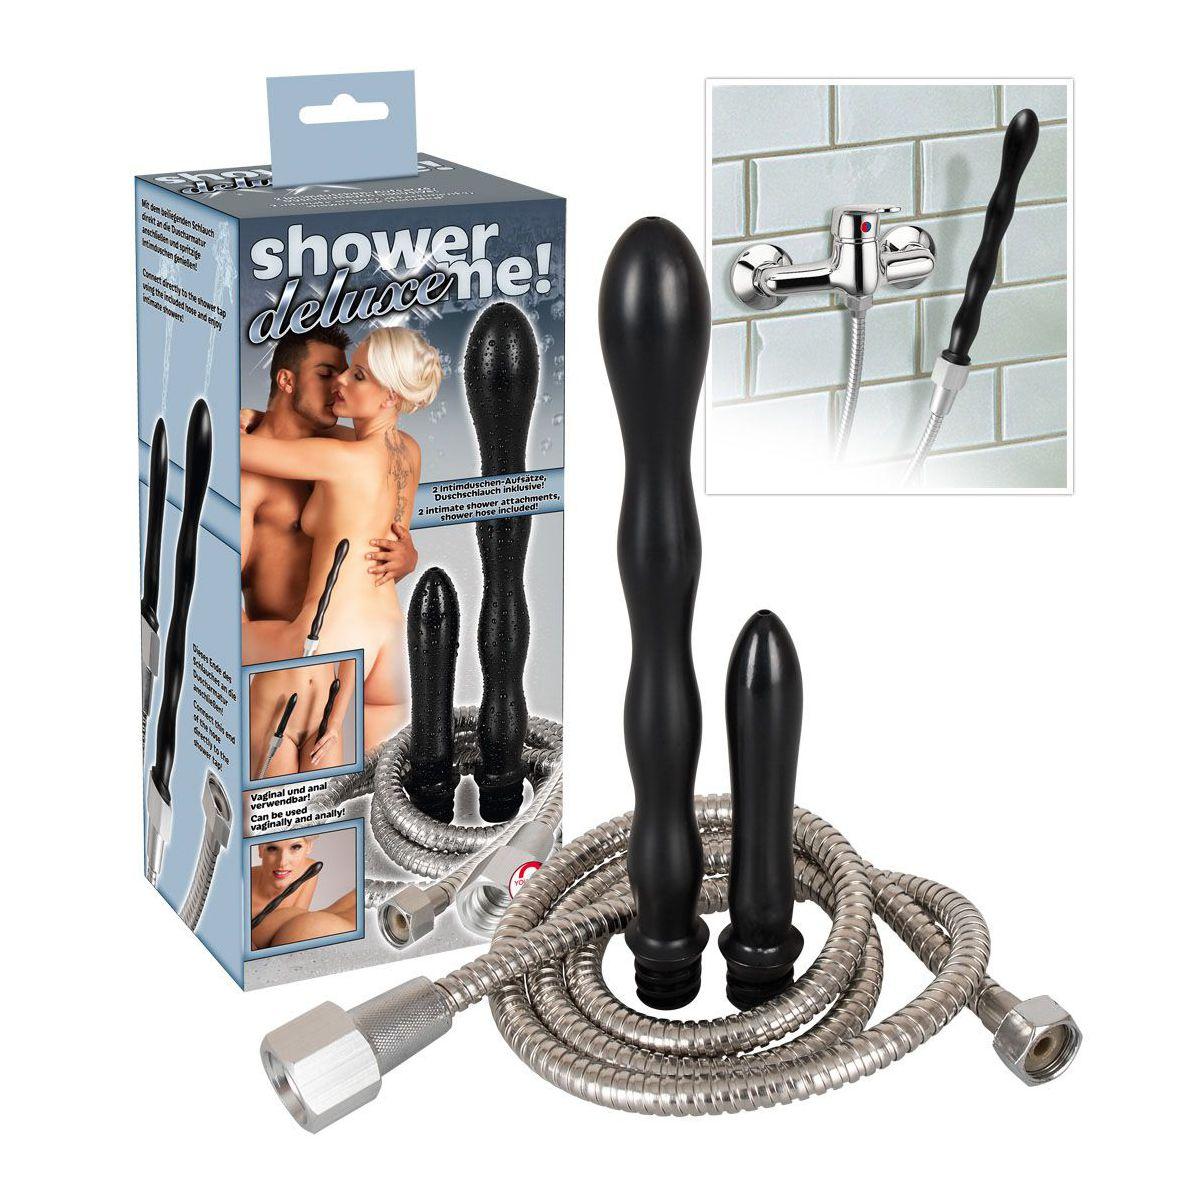 ¡Ducharse nunca fue tan divertido! Set ducha vaginal-anal con manguera